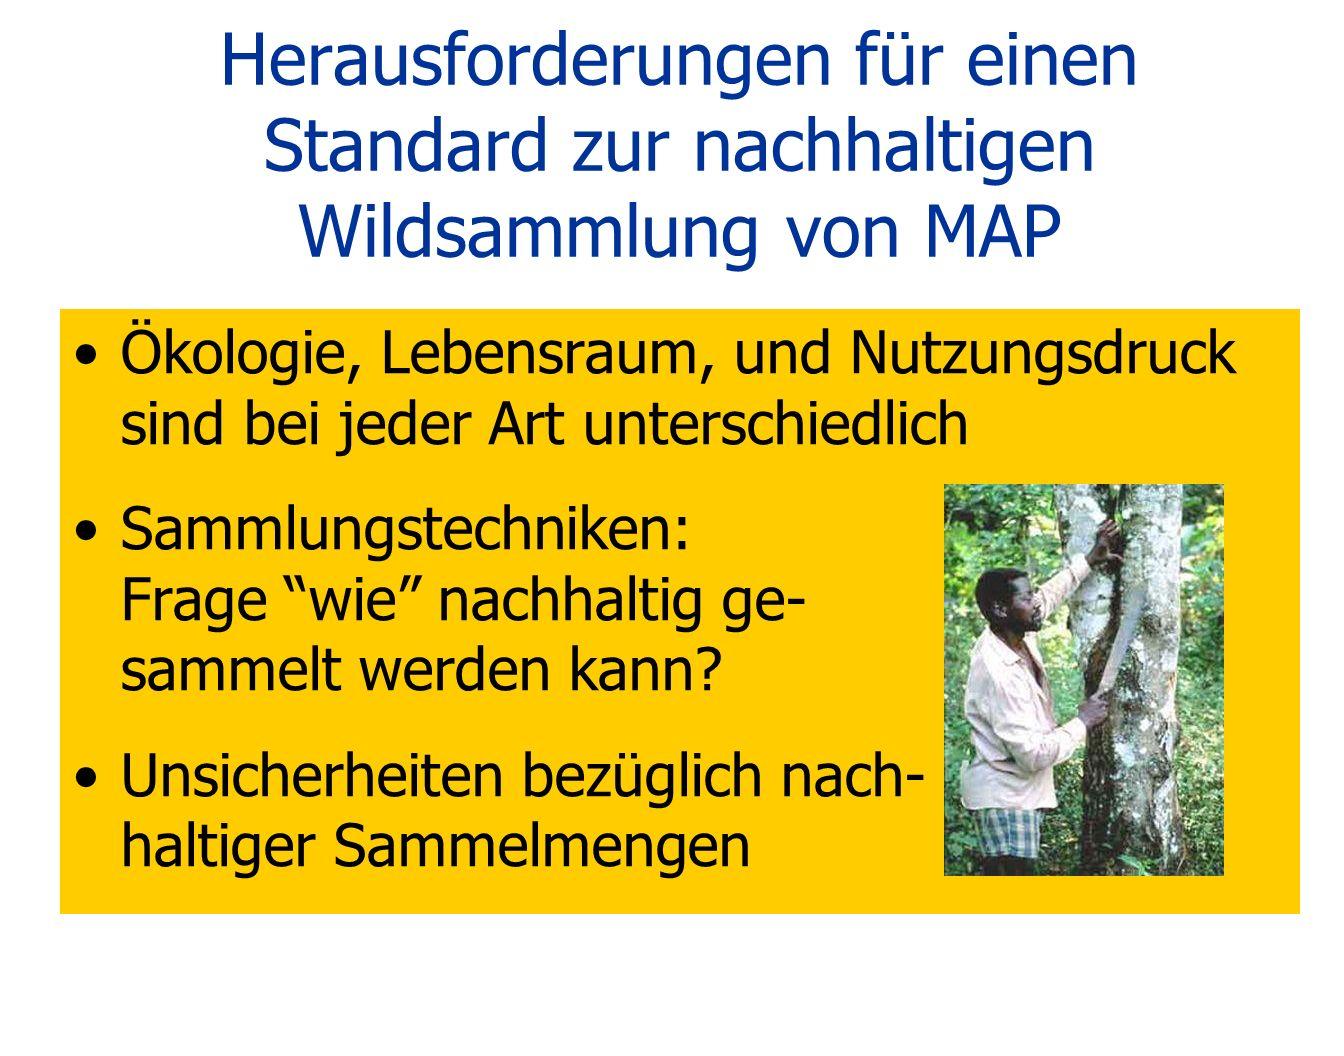 Herausforderungen für einen Standard zur nachhaltigen Wildsammlung von MAP